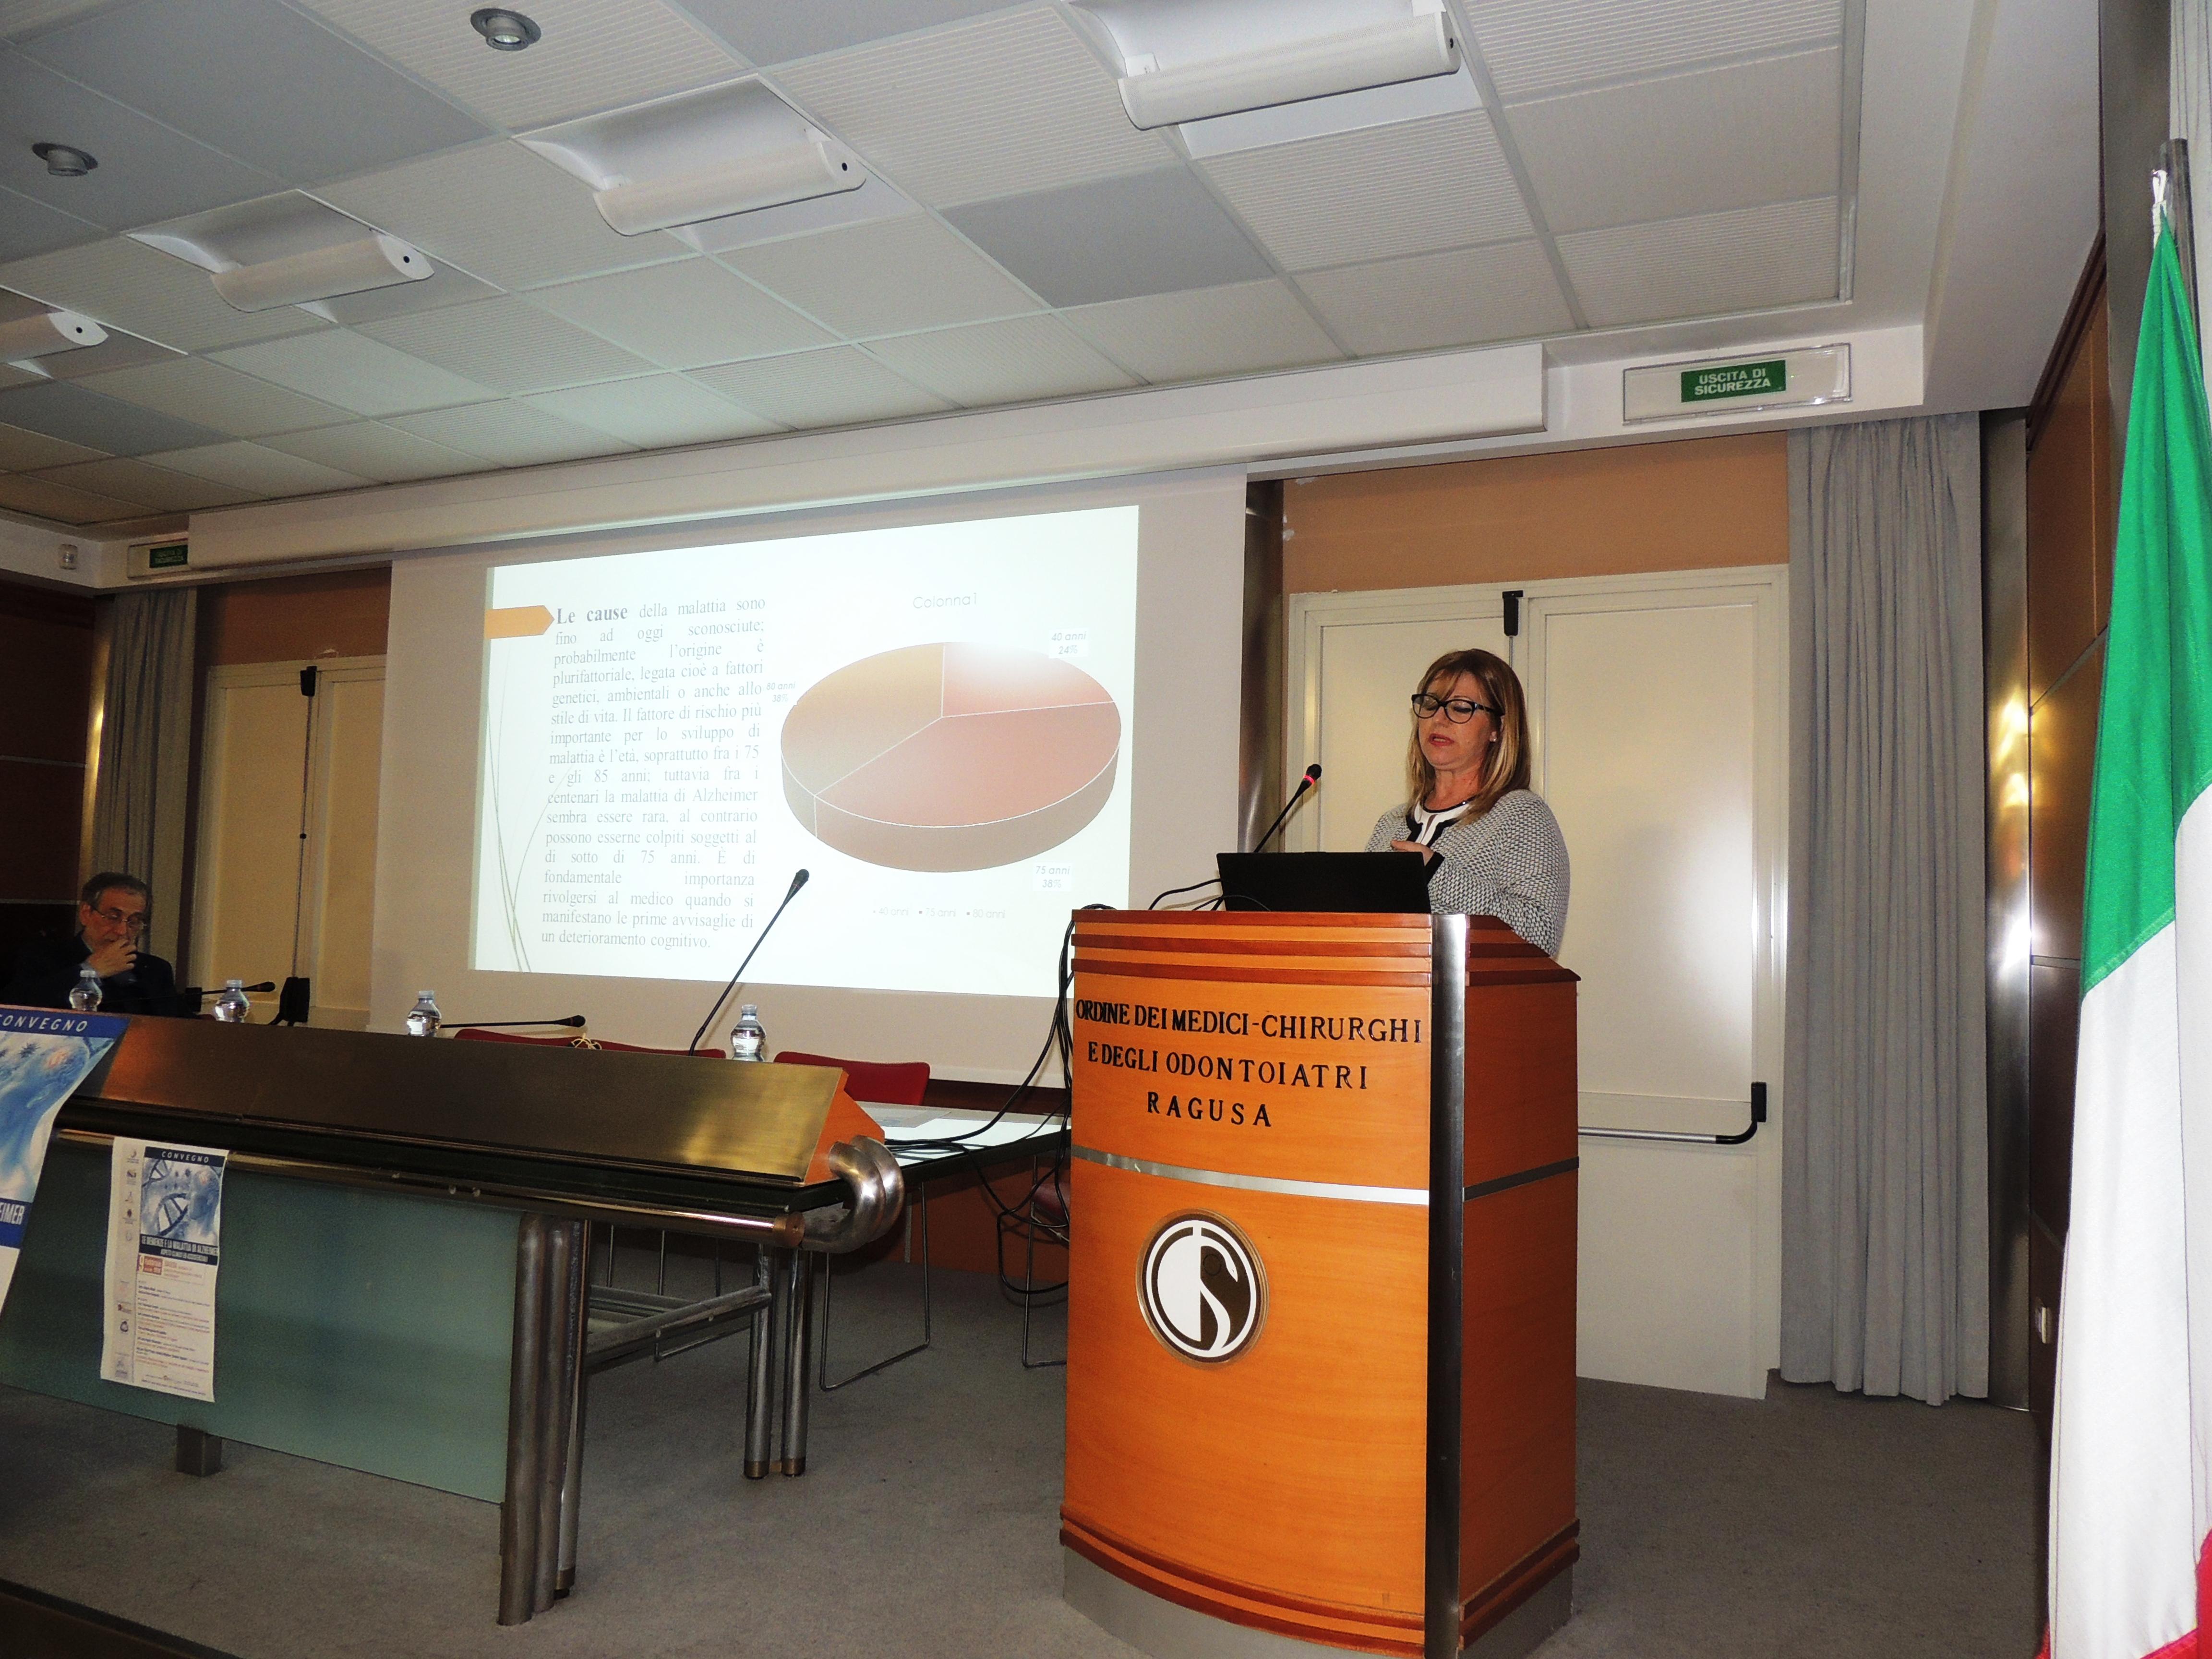 La Dott.ssa Angela Vincenzino, caposala UOC Neurologia di Vittoria, durante il suo intervento sull'organizzazione dell'assistenza ospedaliera